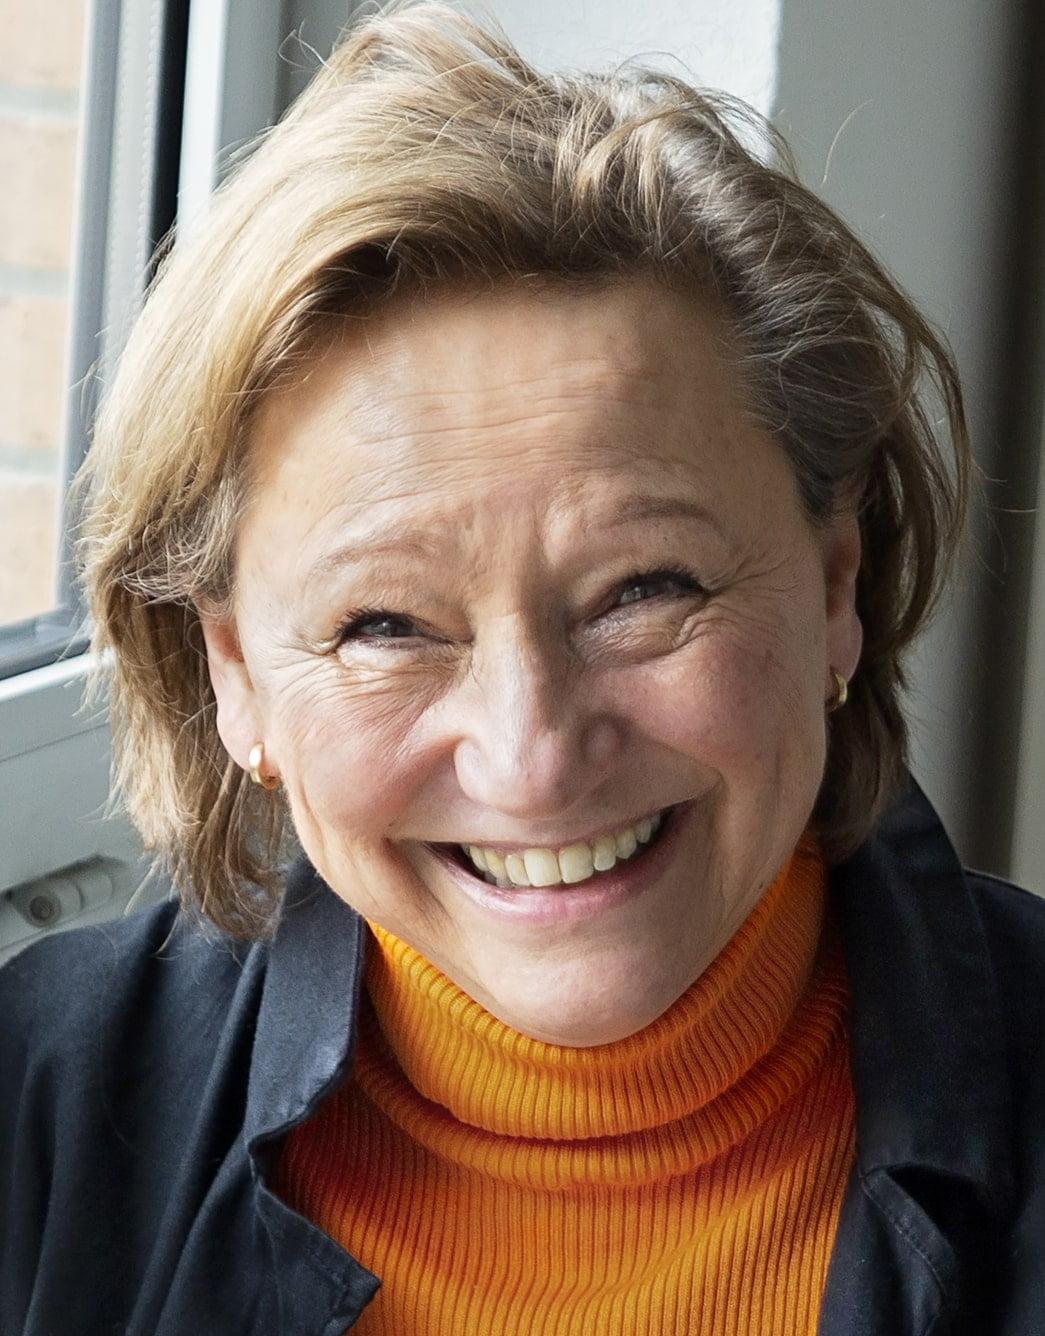 Yvonne Prijs